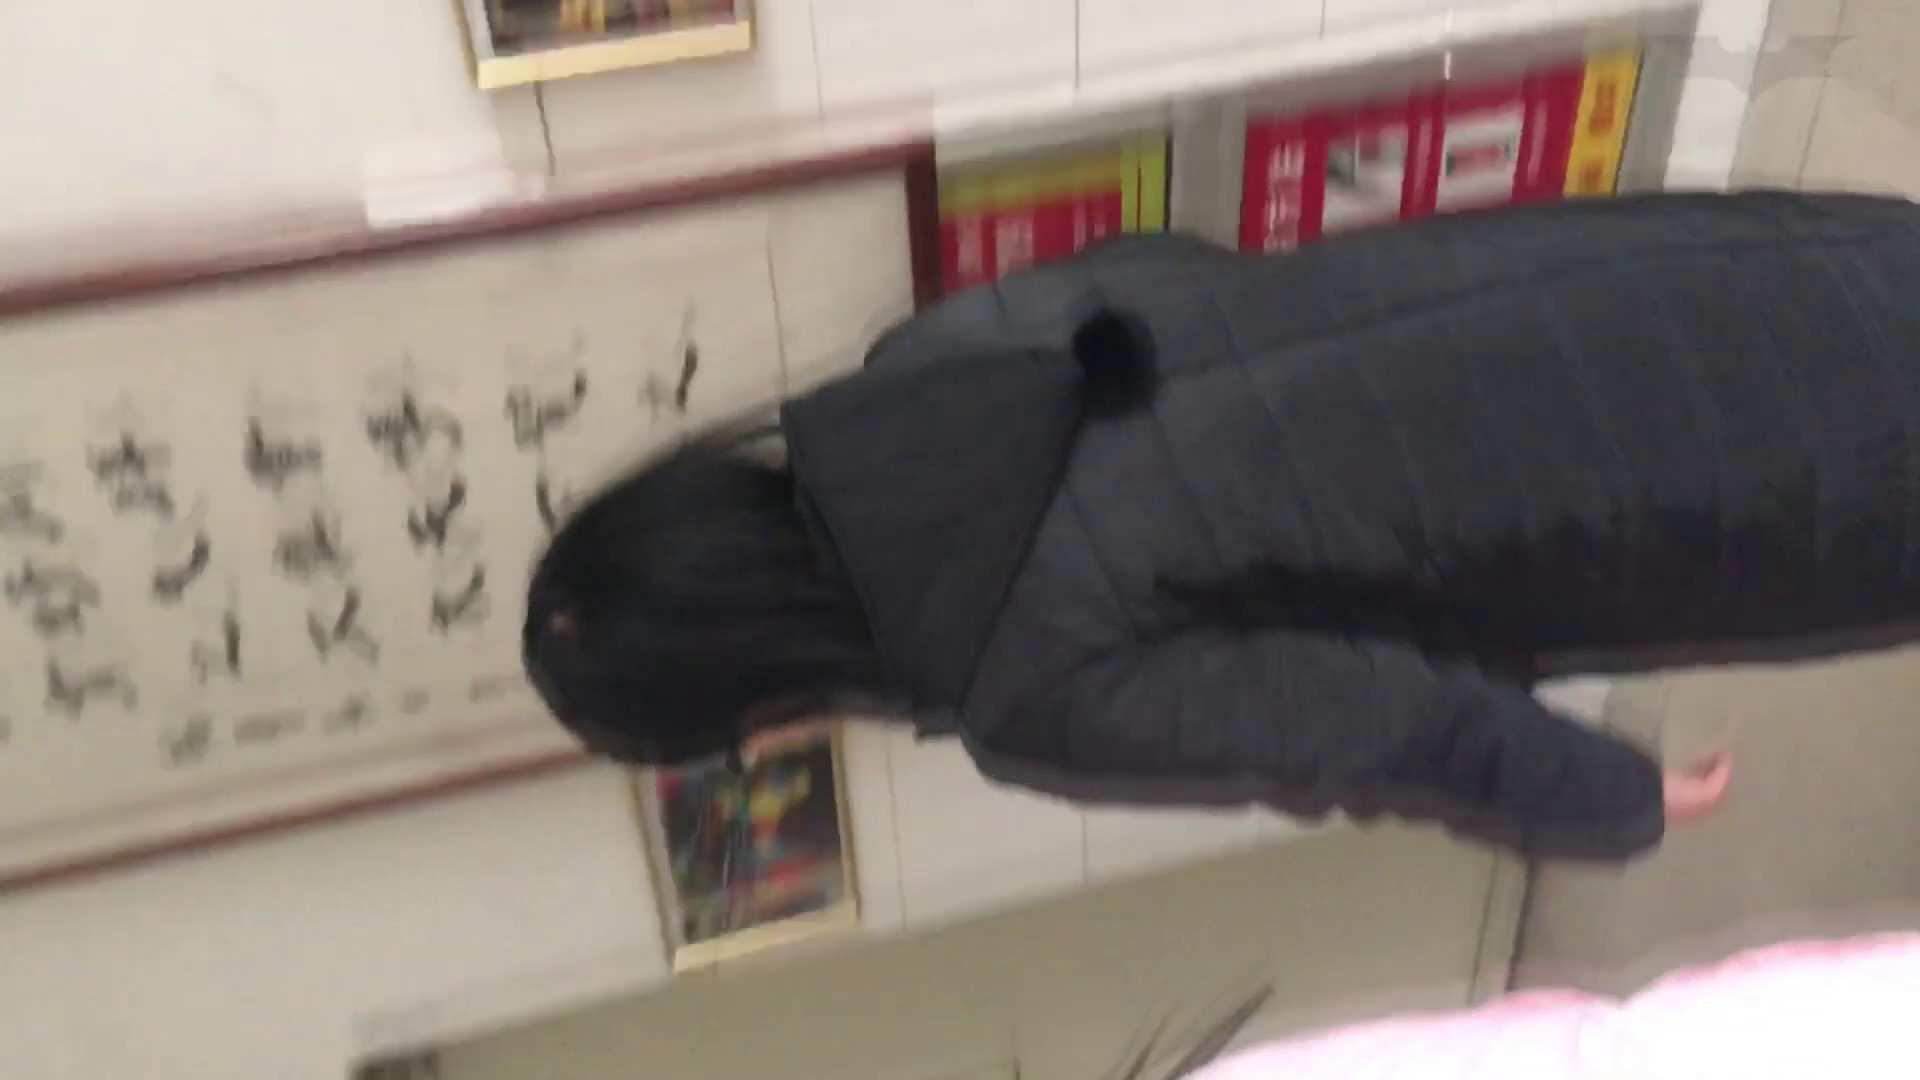 芸術大学ガチ潜入盗撮 JD盗撮 美女の洗面所の秘密 Vol.80 洗面所 AV動画キャプチャ 69画像 42